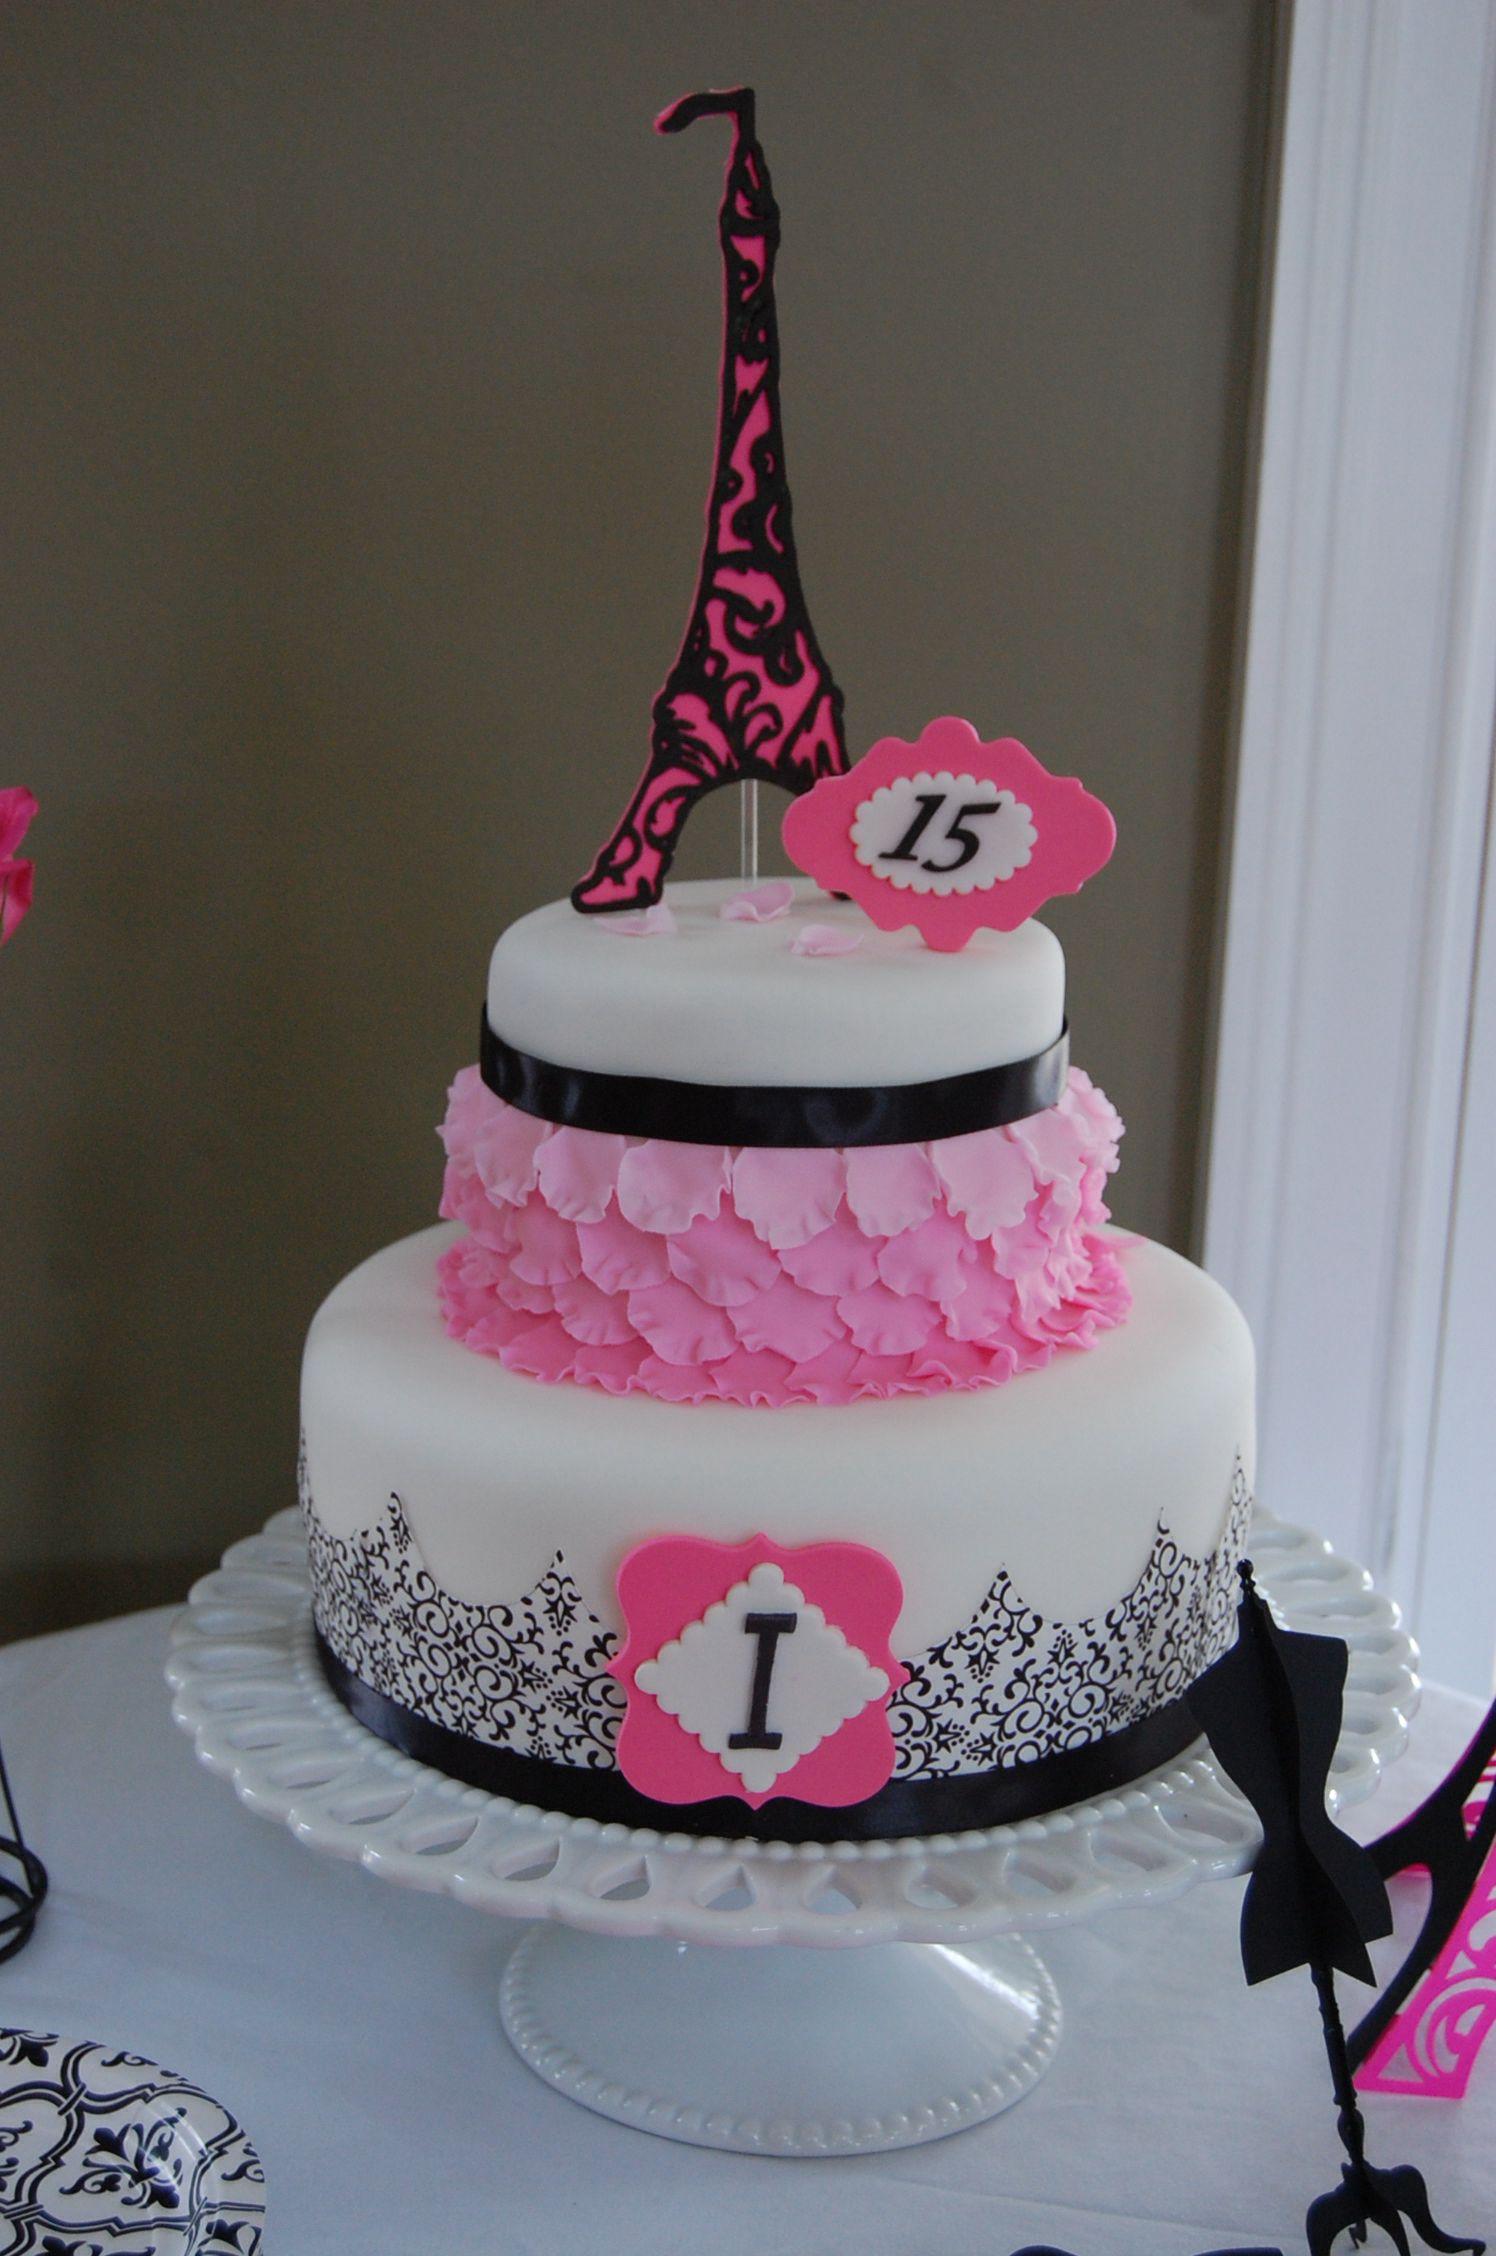 Incredible Paris 15Th Birthday Cake 15 Tortas De Cumpleanos Tortas Y Funny Birthday Cards Online Inifofree Goldxyz